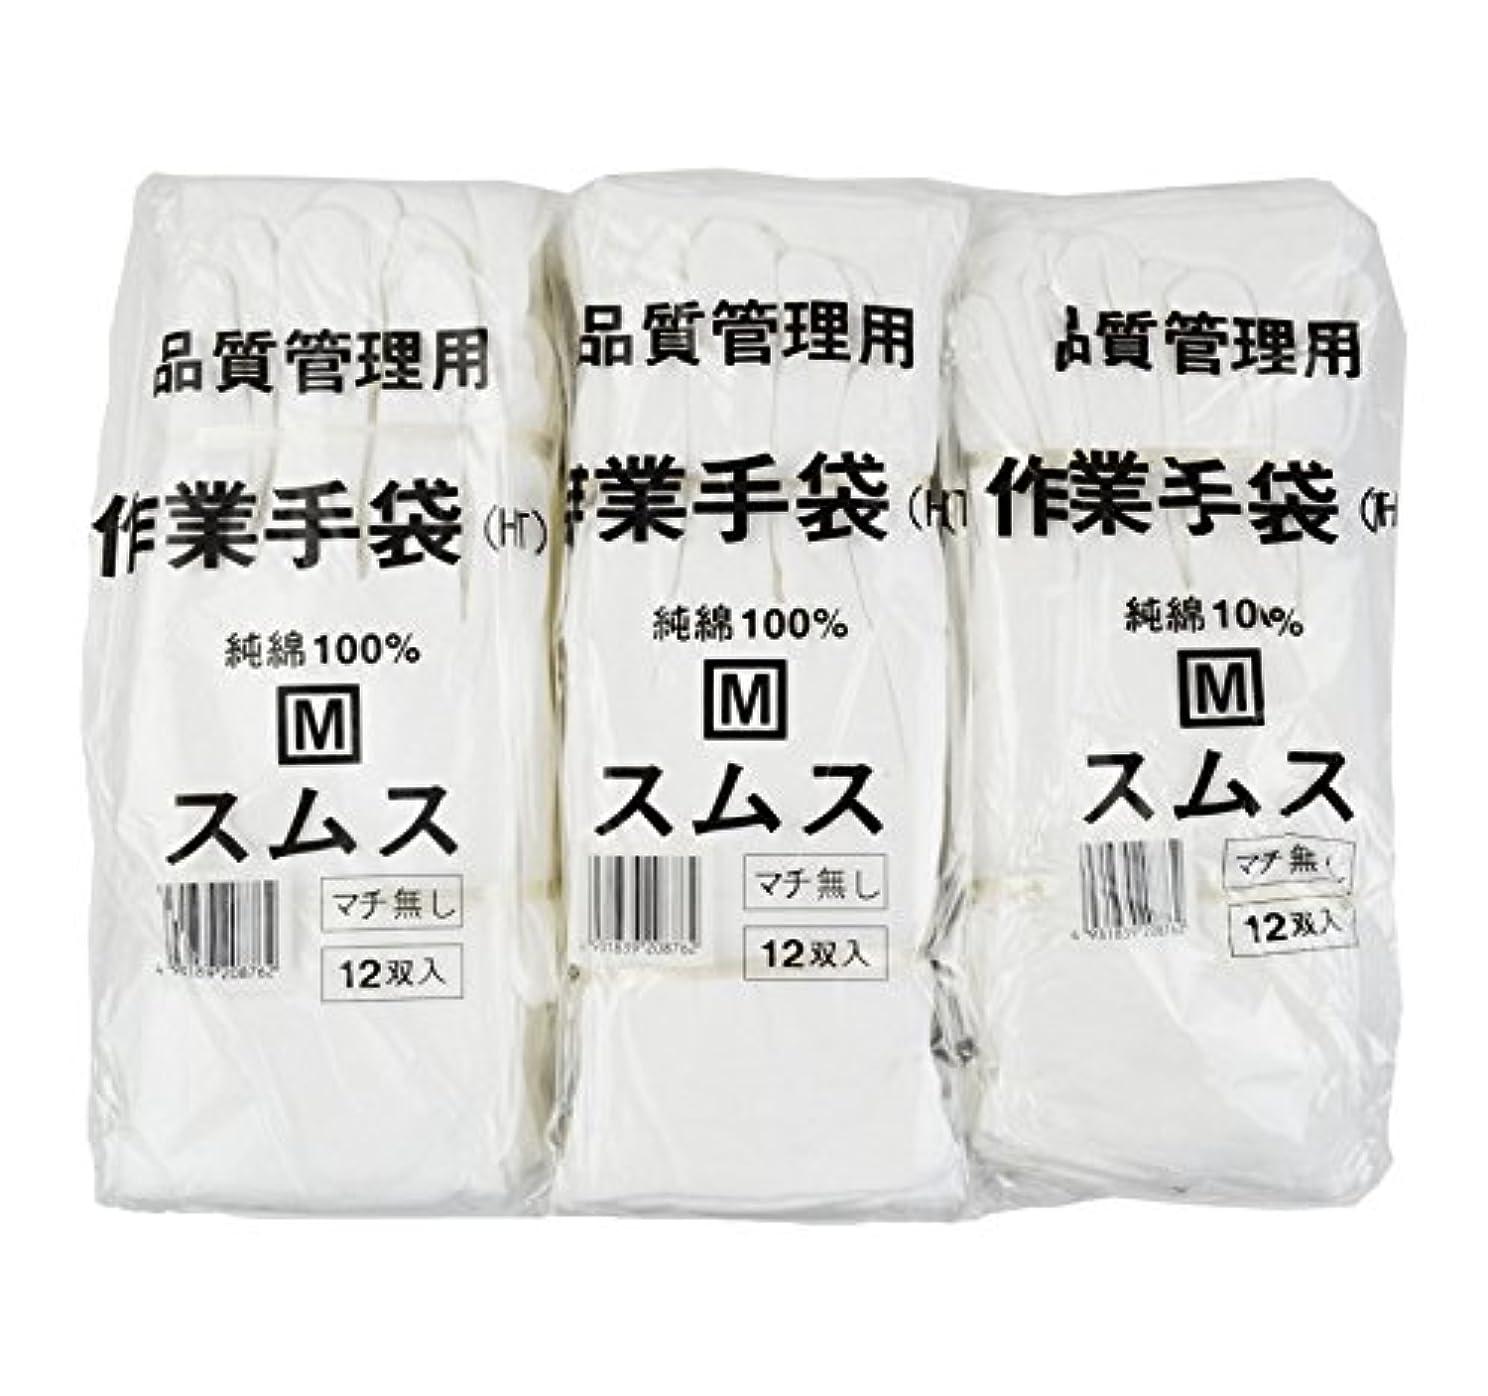 悪魔お手伝いさん紫の【お得なセット売り】 (36双) 純綿100% スムス 手袋 Mサイズ 12双×3袋セット 多用途 作業手袋 101116